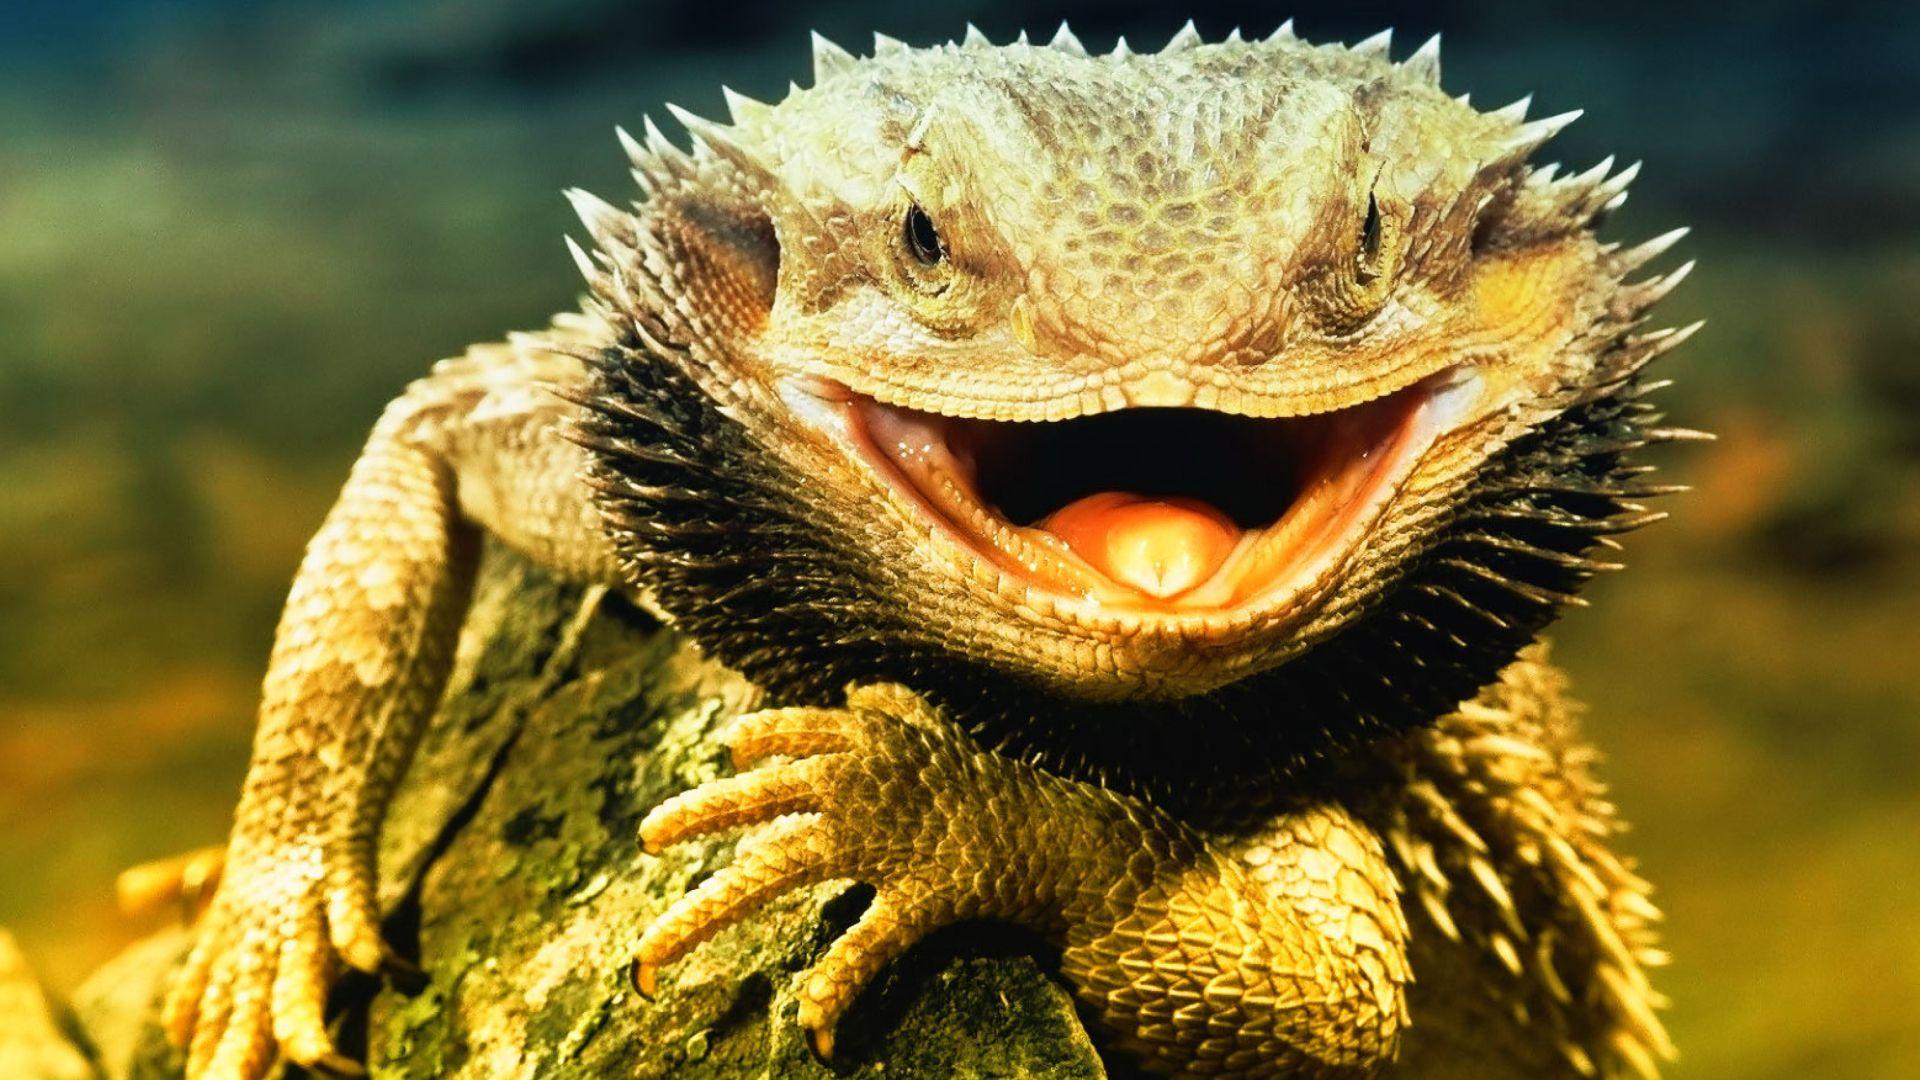 Reptiles Bearded Agama